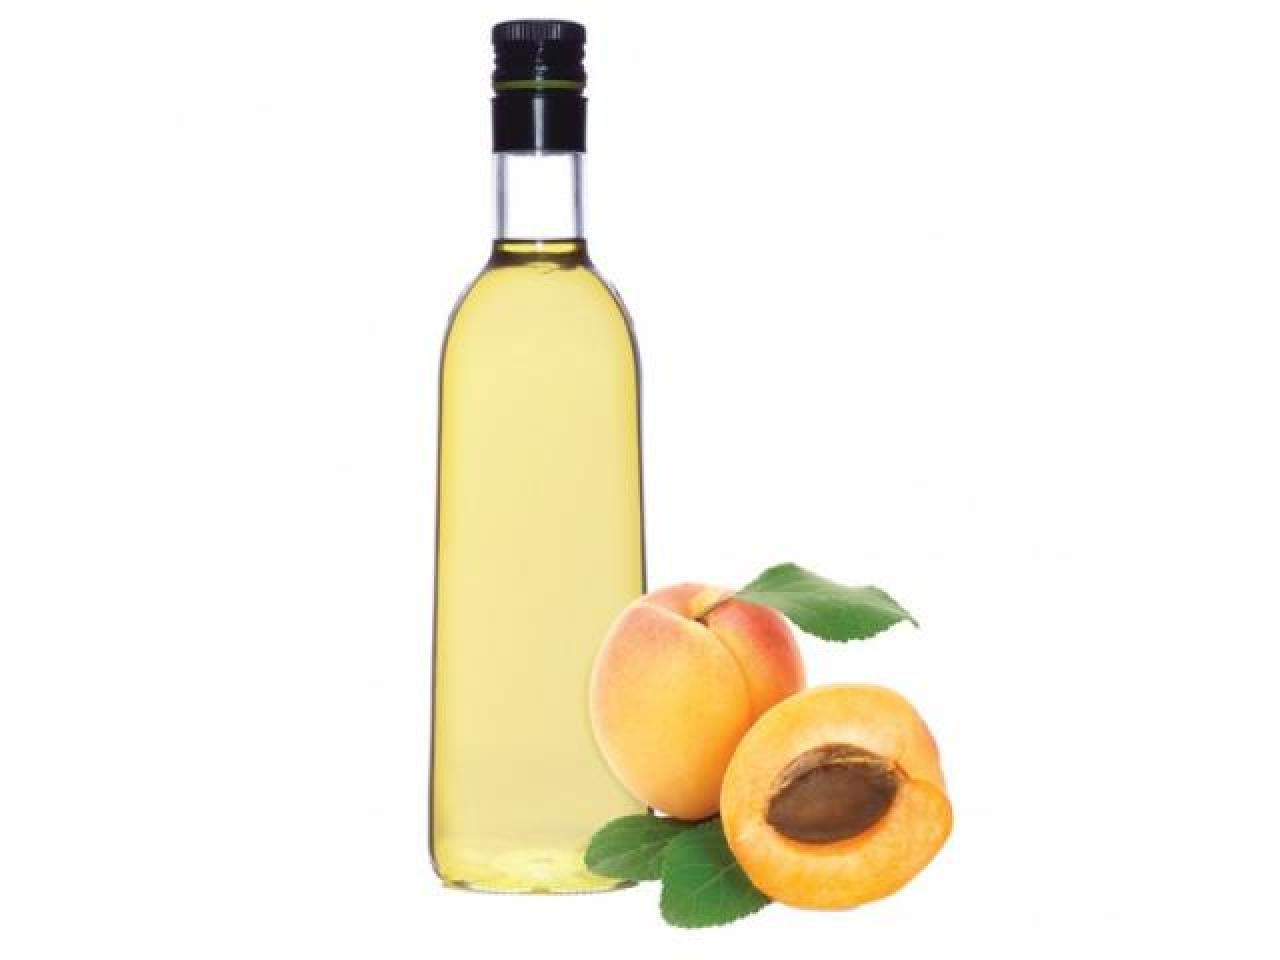 Массажные масла от производителя по лучшим ценам - 1